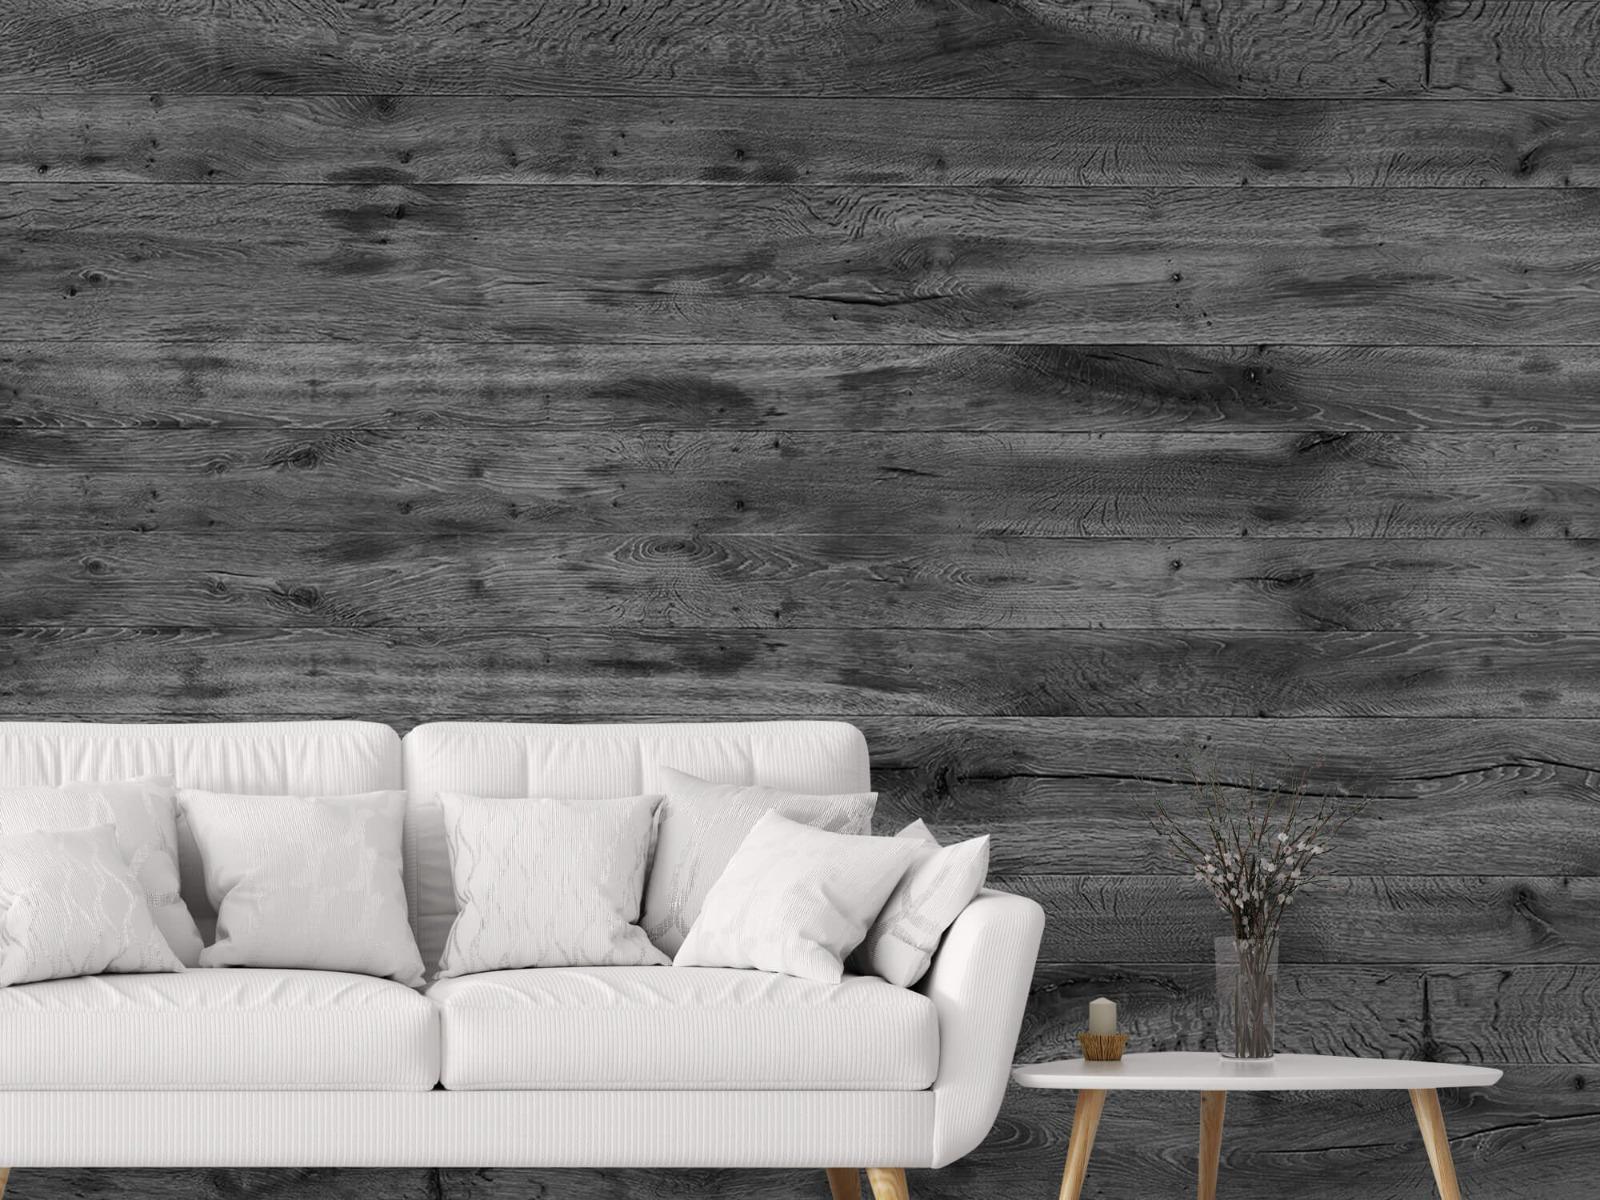 Hout behang - Grijze houten planken - Directie 5